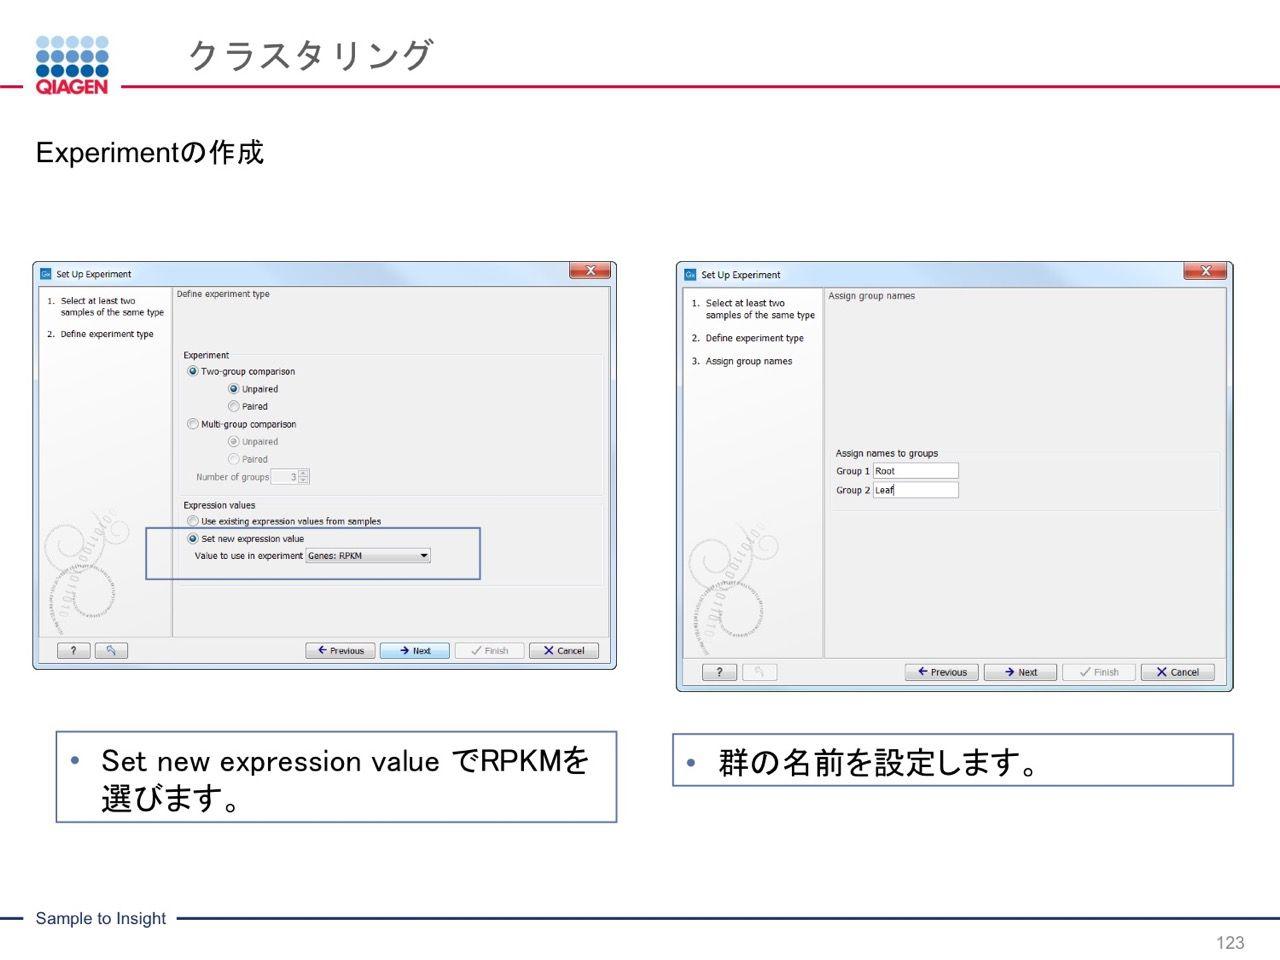 images/AJACSa2_miyamoto_123.jpg